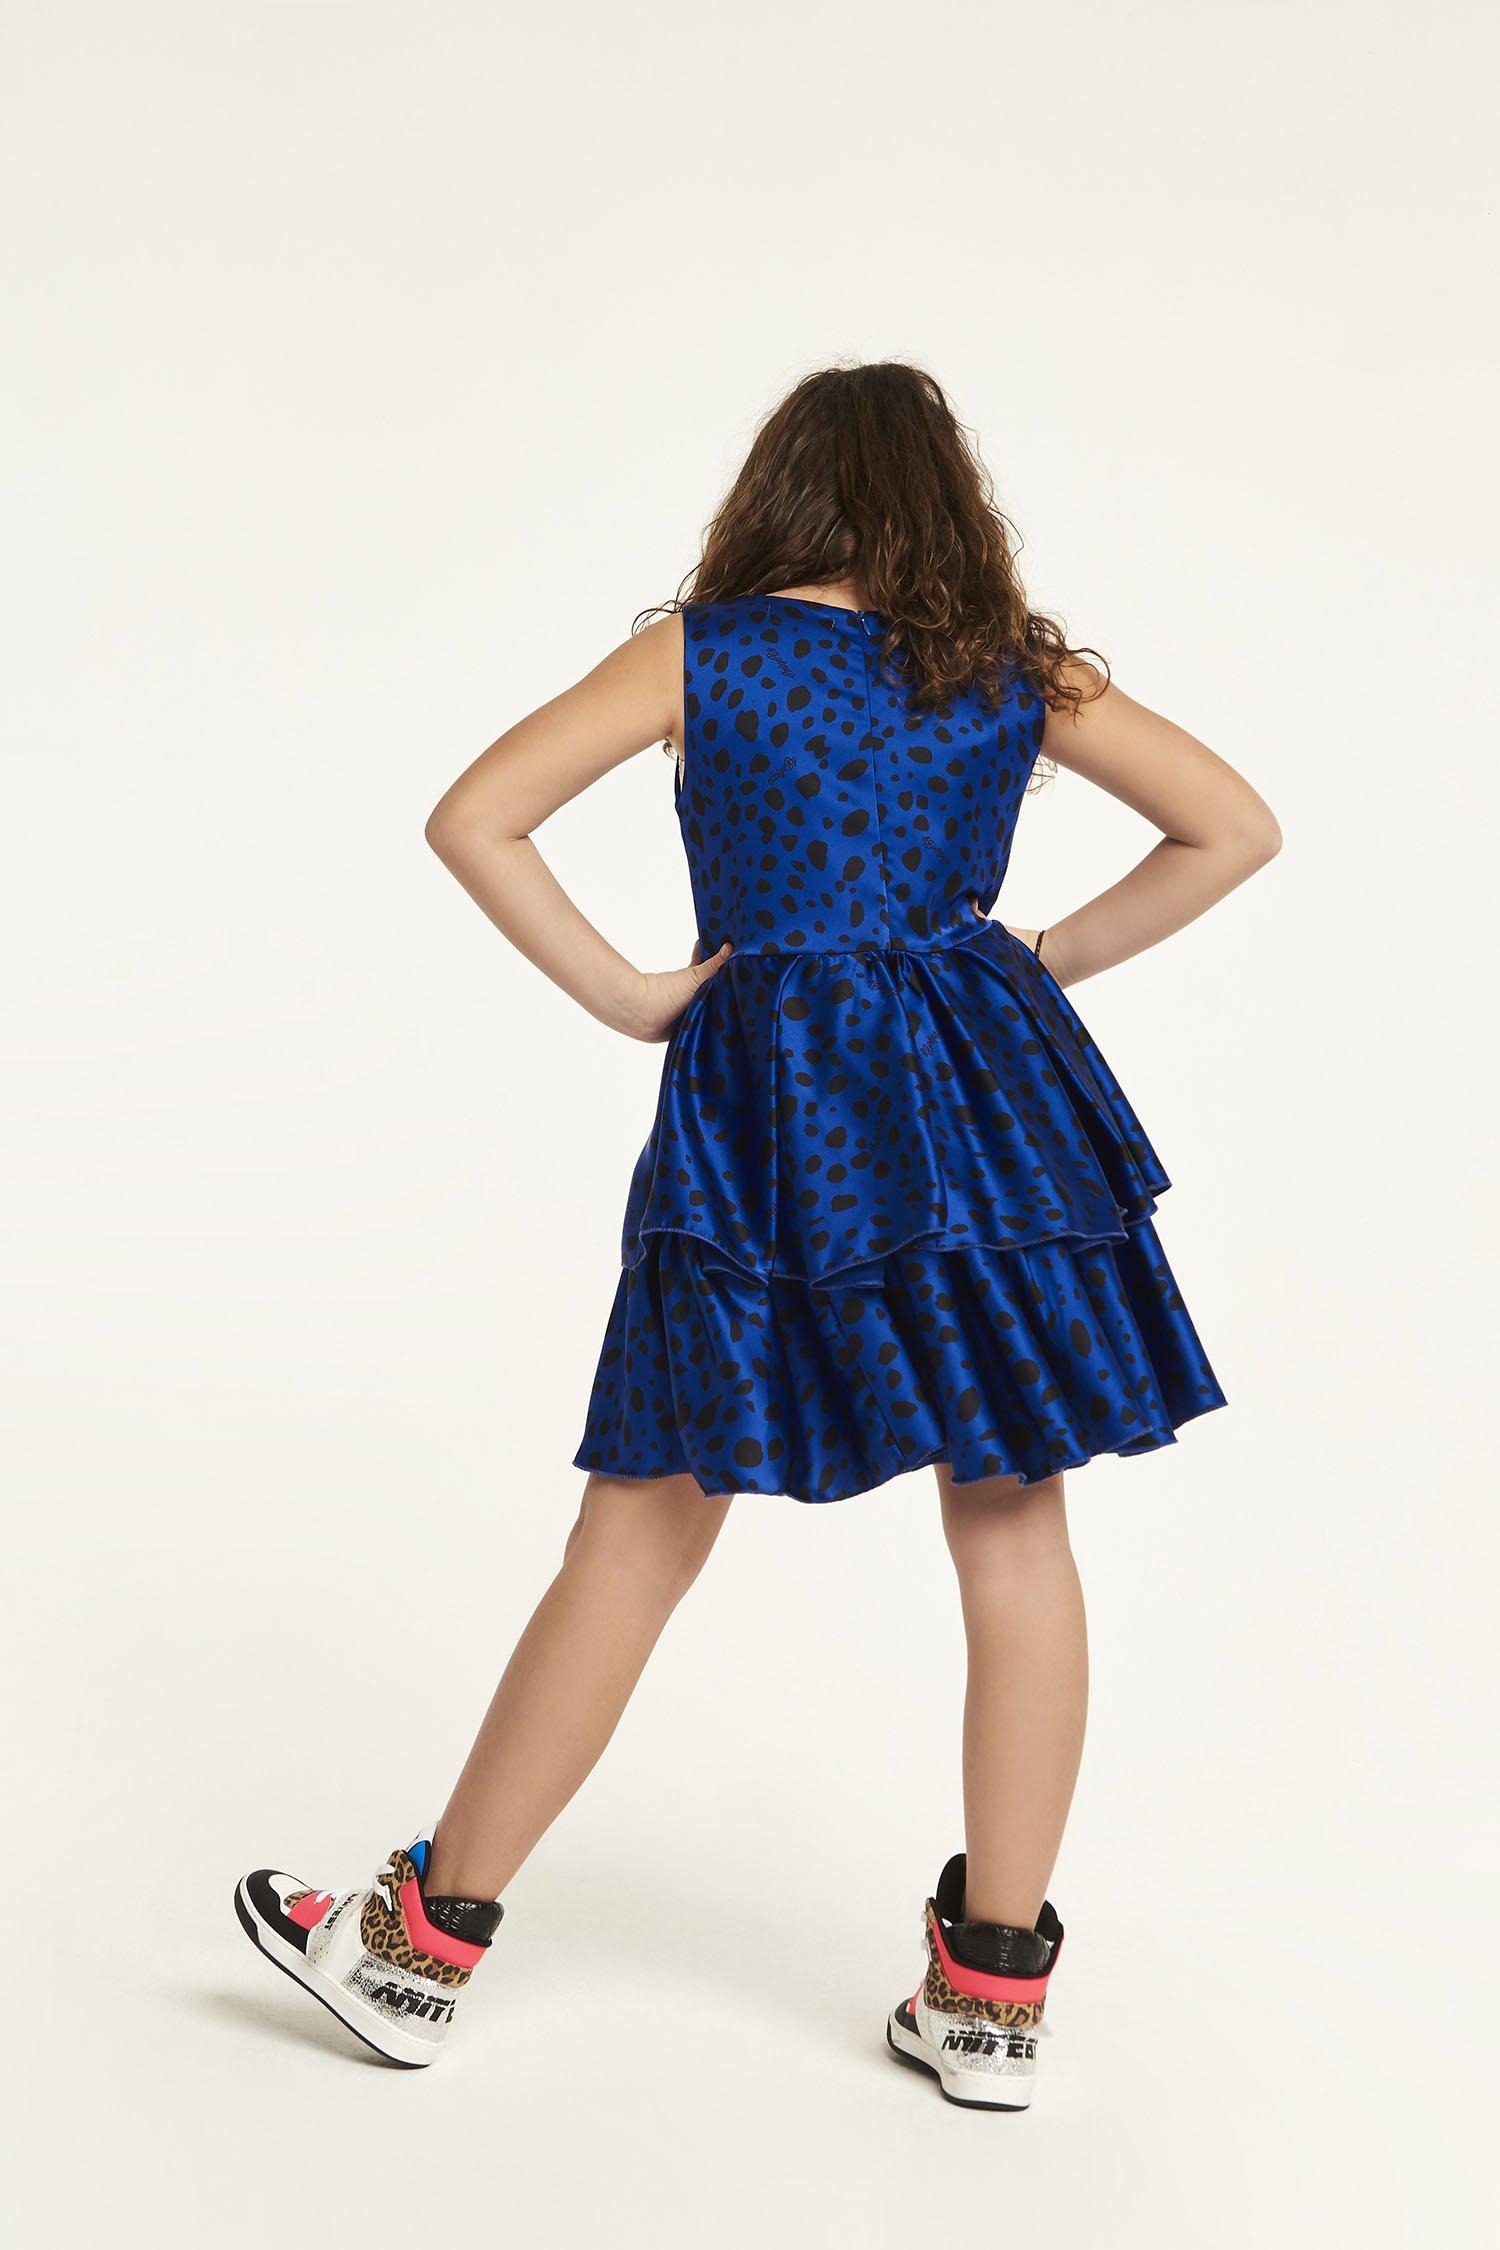 MINI DRESS MAKKY - GIRL